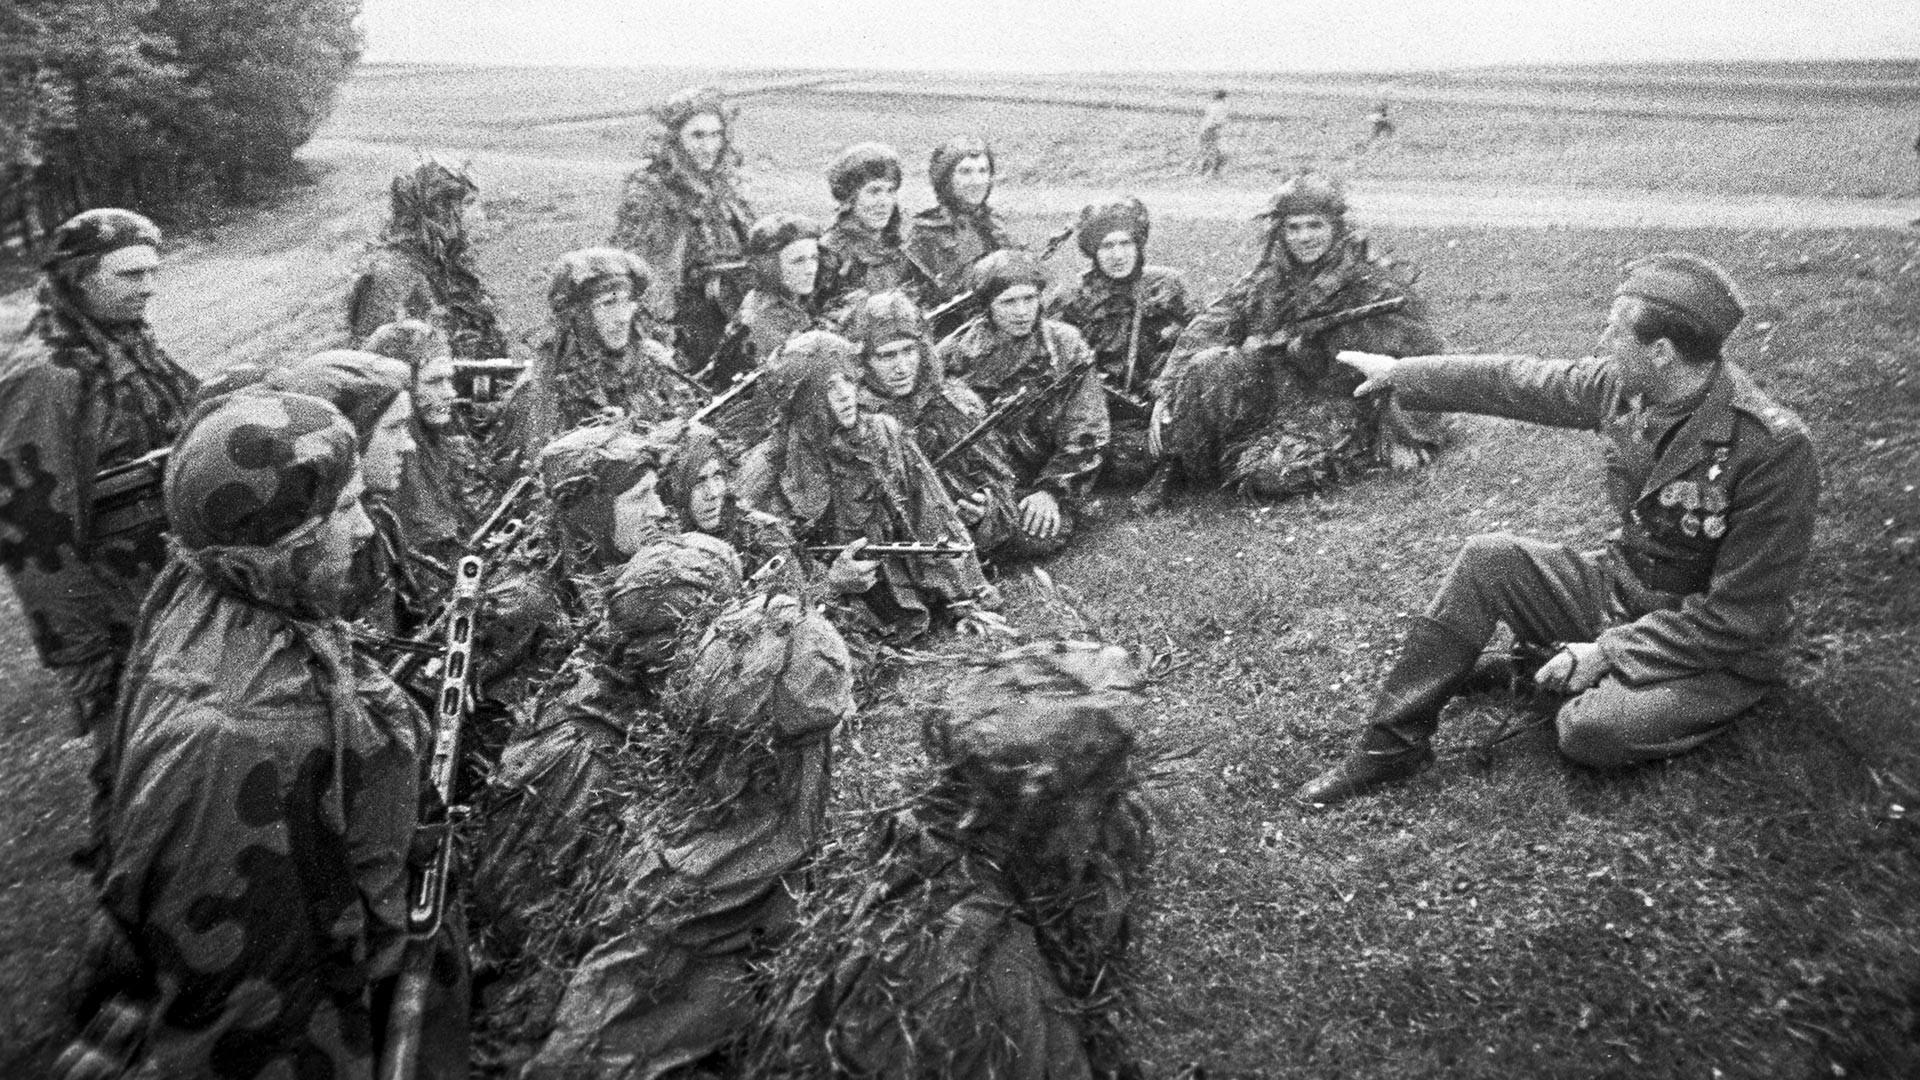 Солдаты 1-го пехотного батальона 1-й Чехословацкой отдельной пехотной бригады.